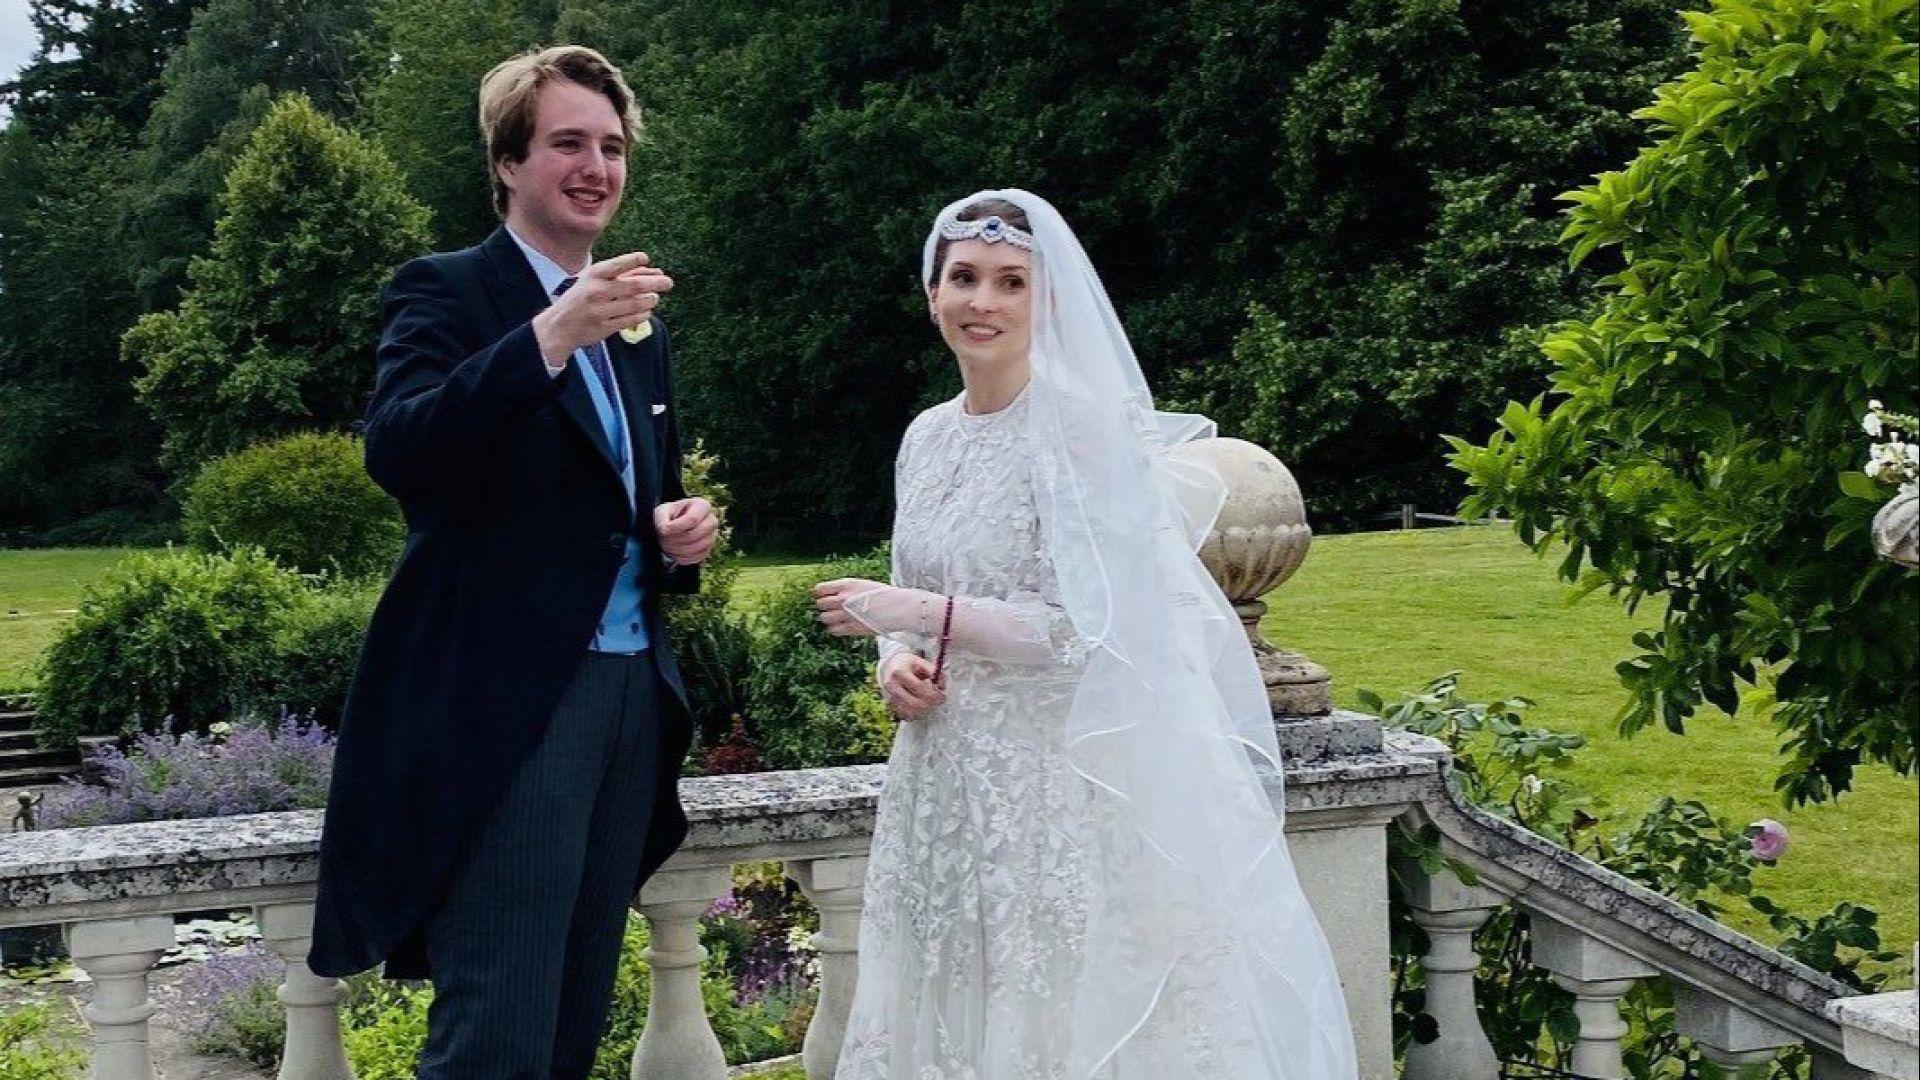 Внукът на писателя Роалд Дал се ожени за йорданска принцеса